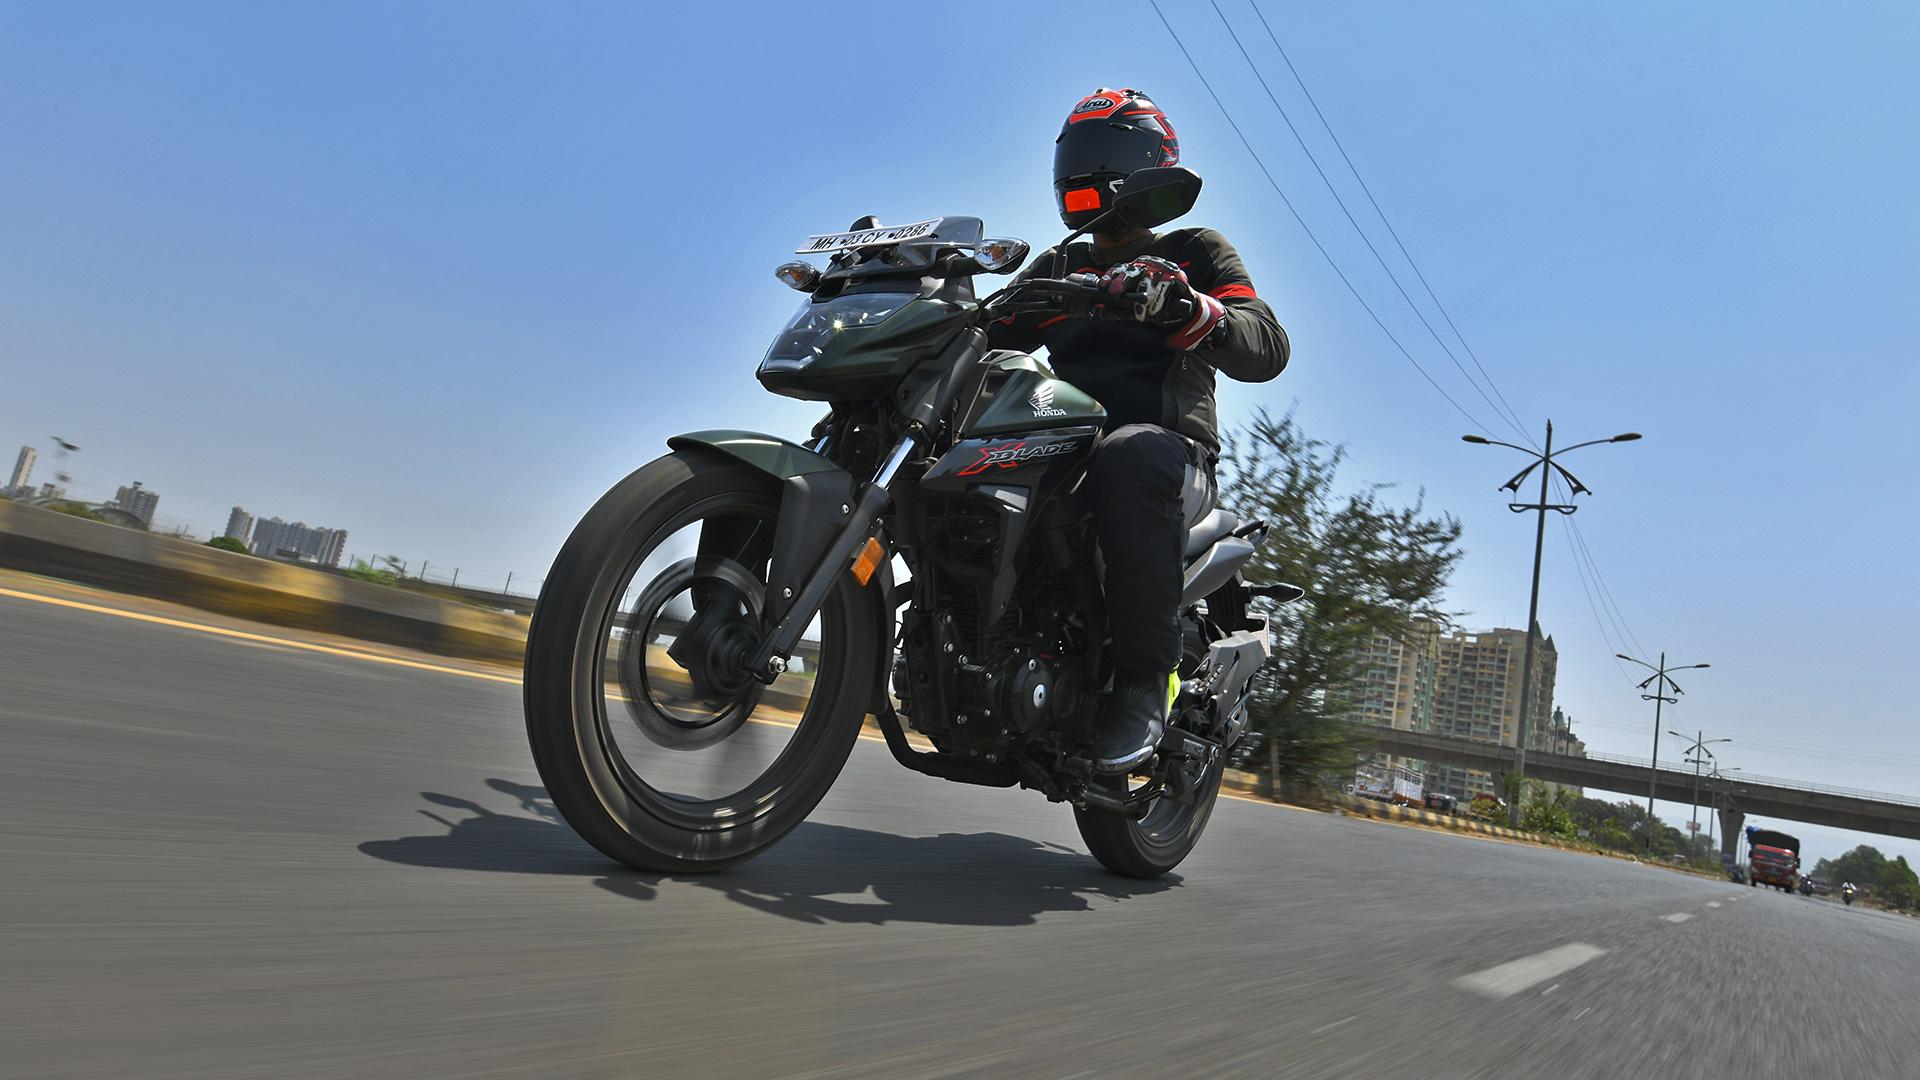 Honda X Blade 2018 Std Price Mileage Reviews